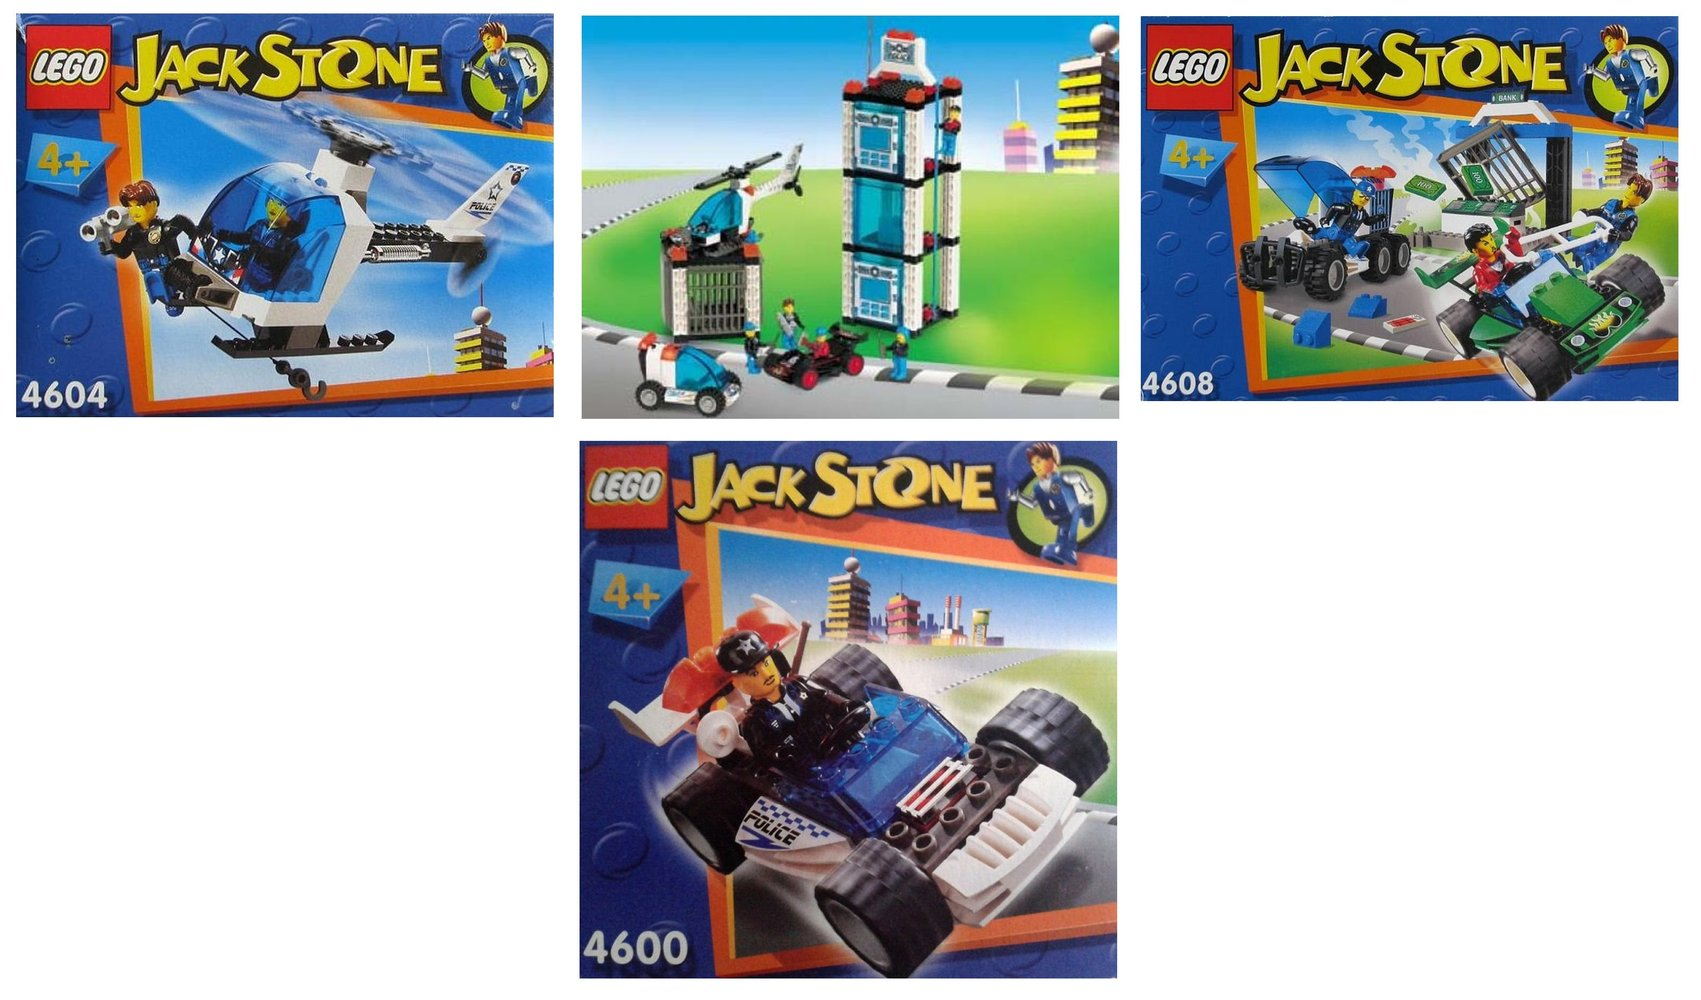 Jack Stone Police Rescue Kit